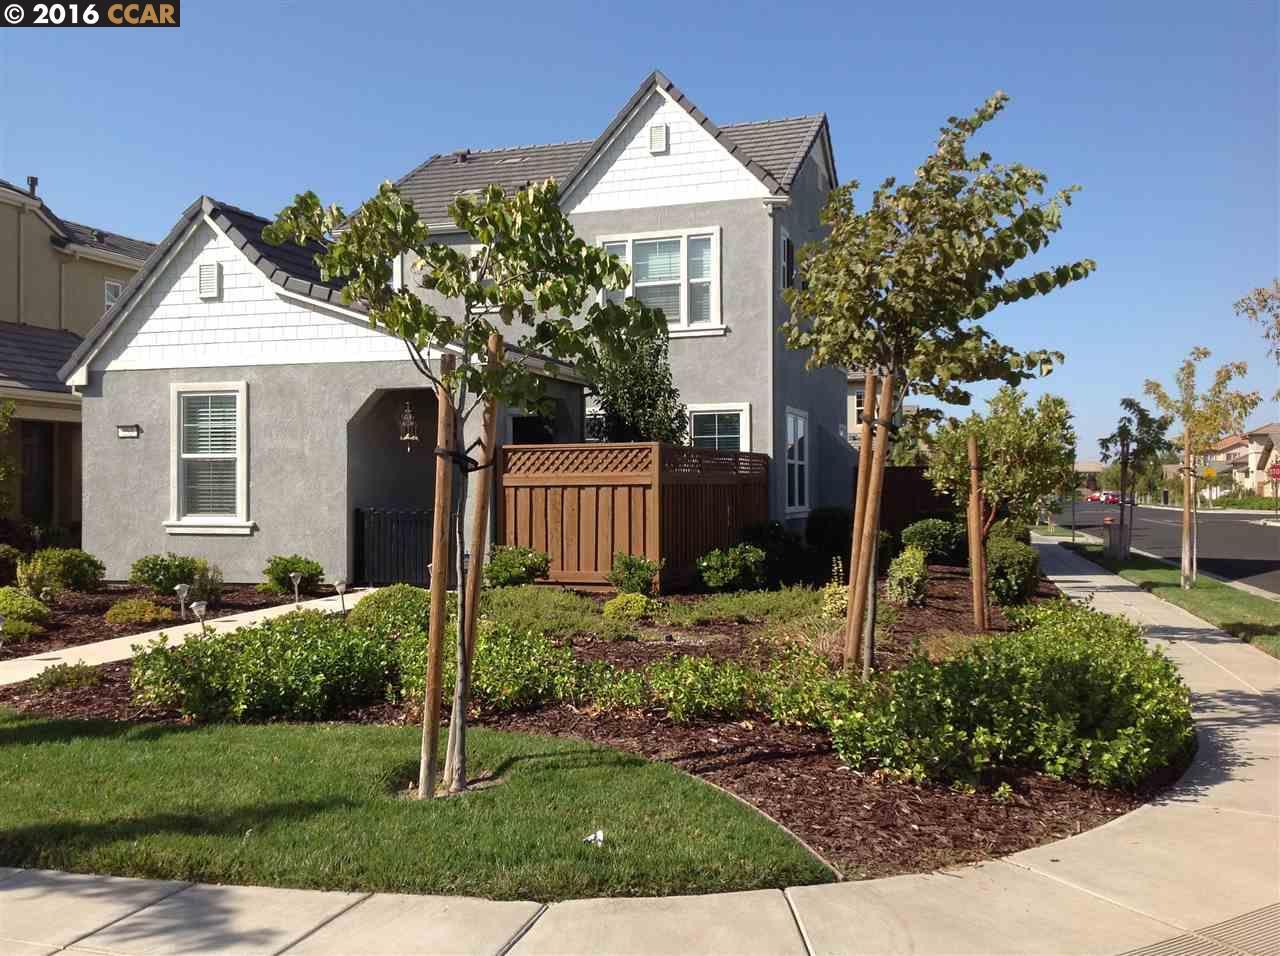 253 W Saint Francis Ave, Tracy, CA 95391